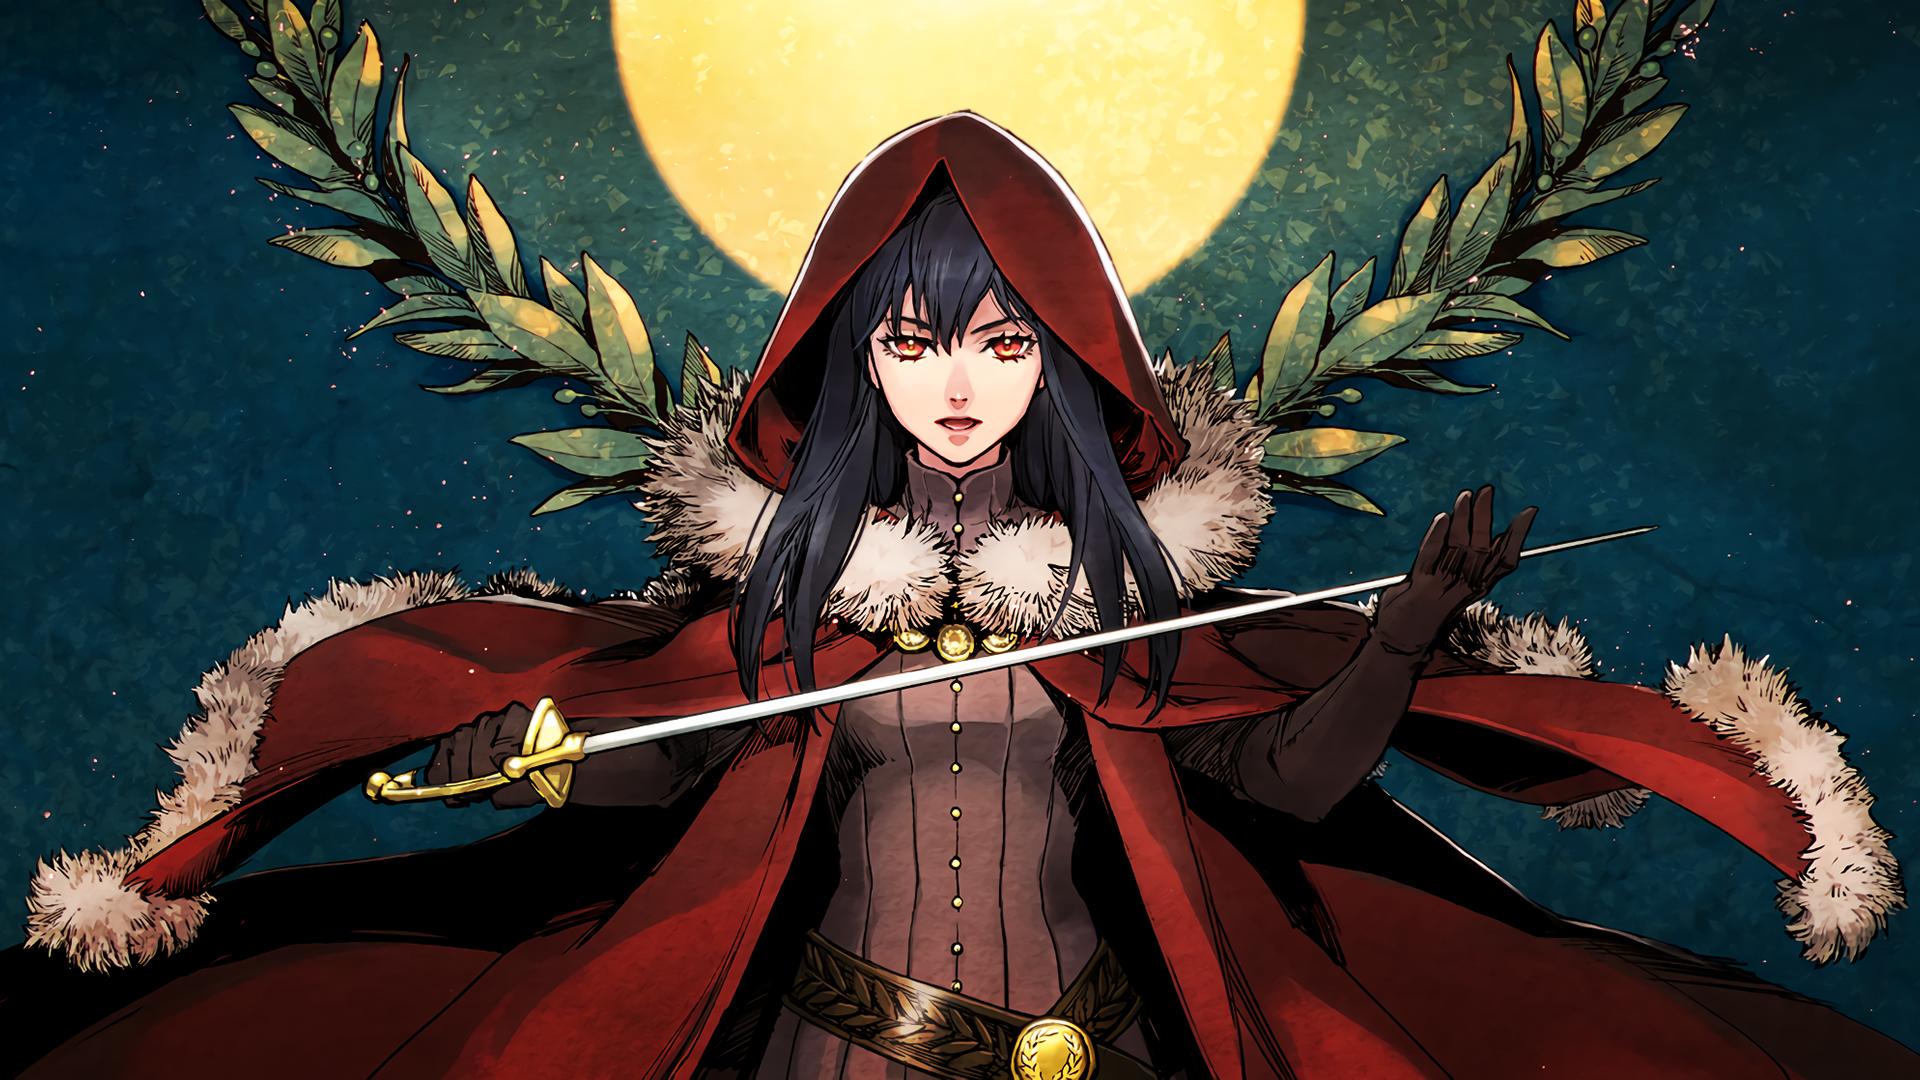 Anime 1920x1080 hoods fantasy girl red eyes weapon fantasy art